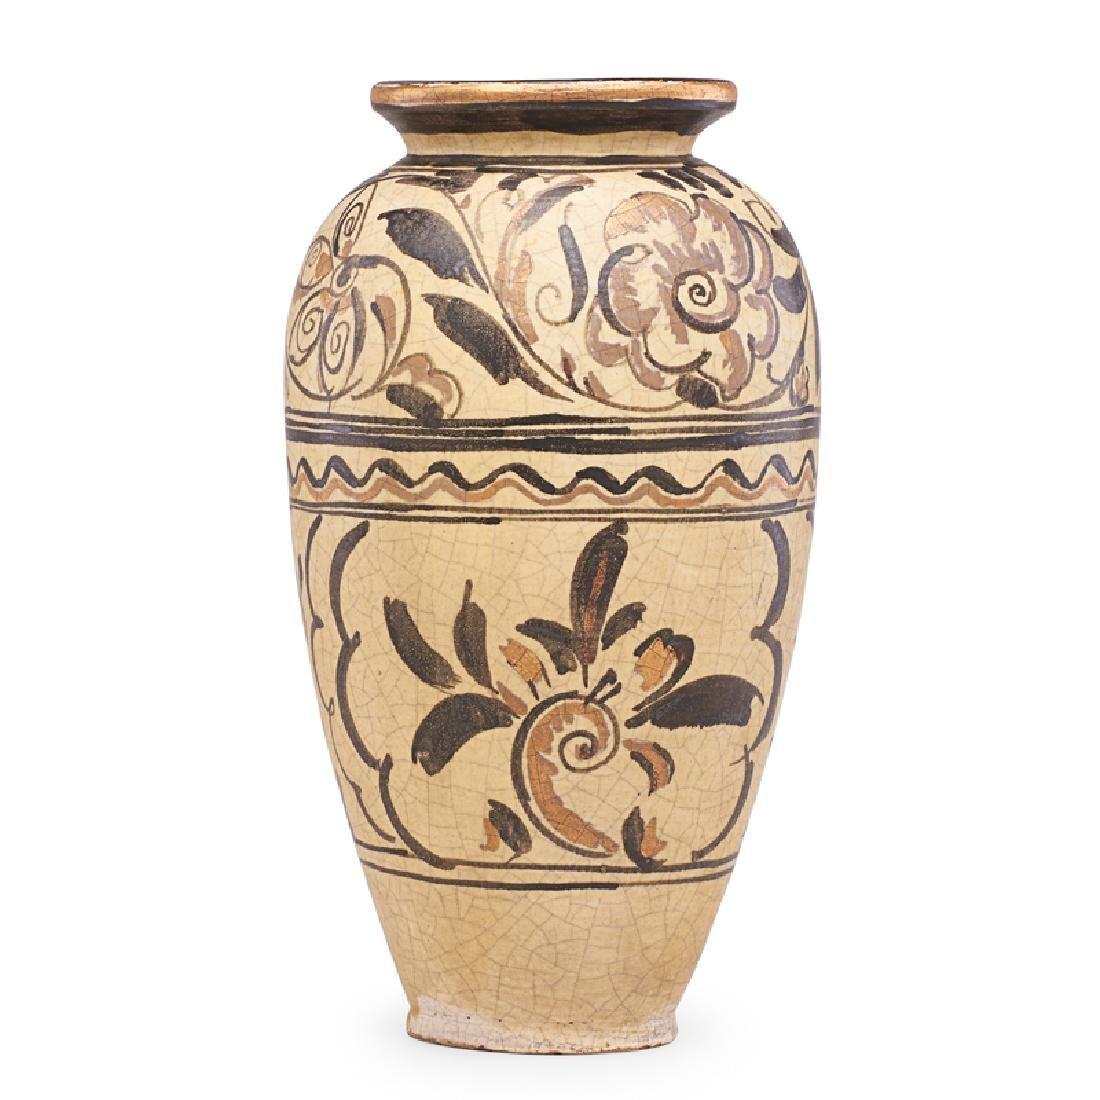 RENE BUTHAUD Large vase with stylized flowers